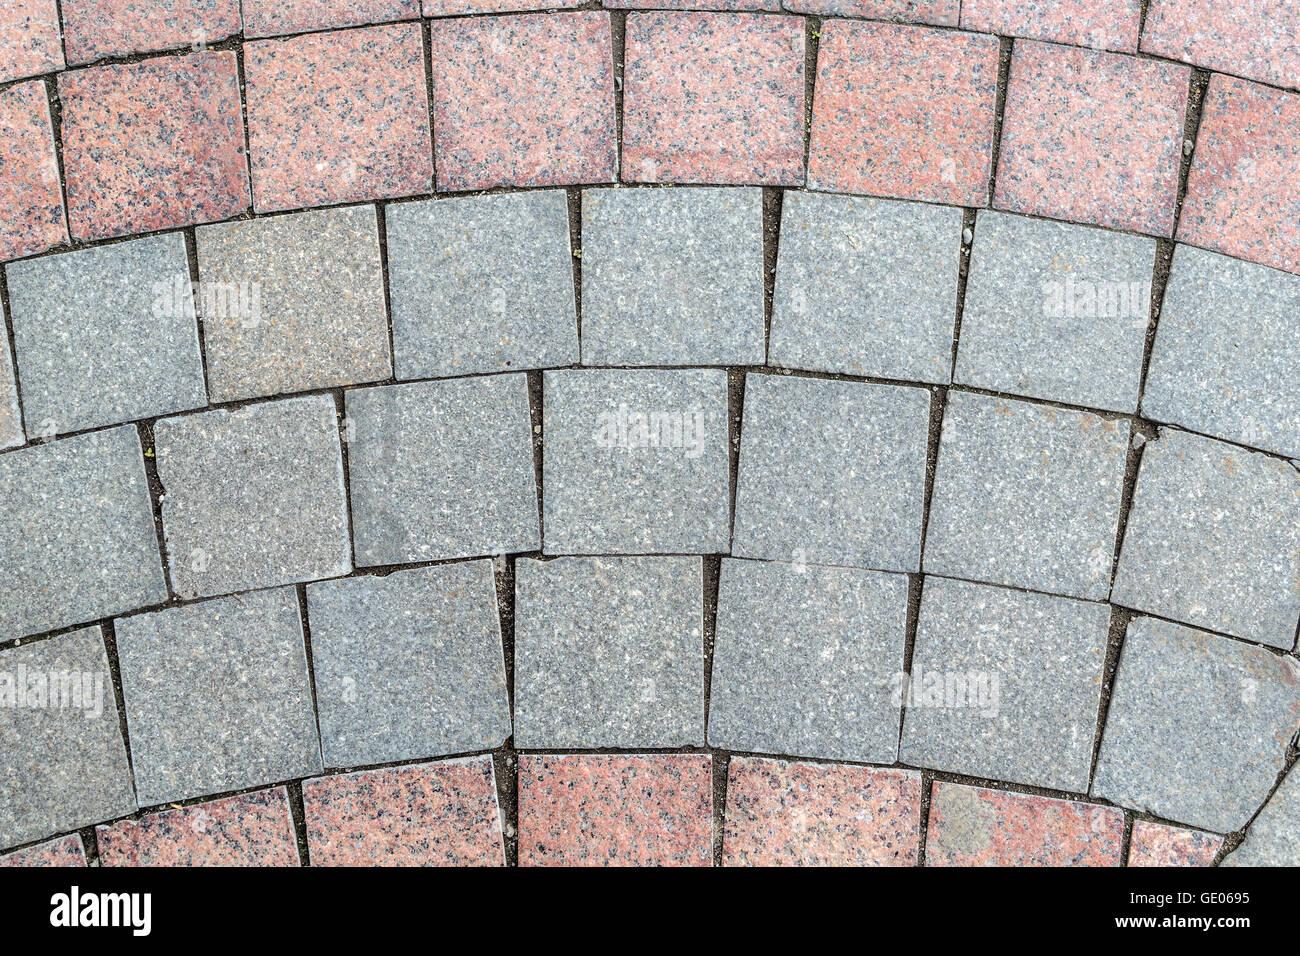 Le piastrelle quadrate del pavimento cementine retrÒ fioranese